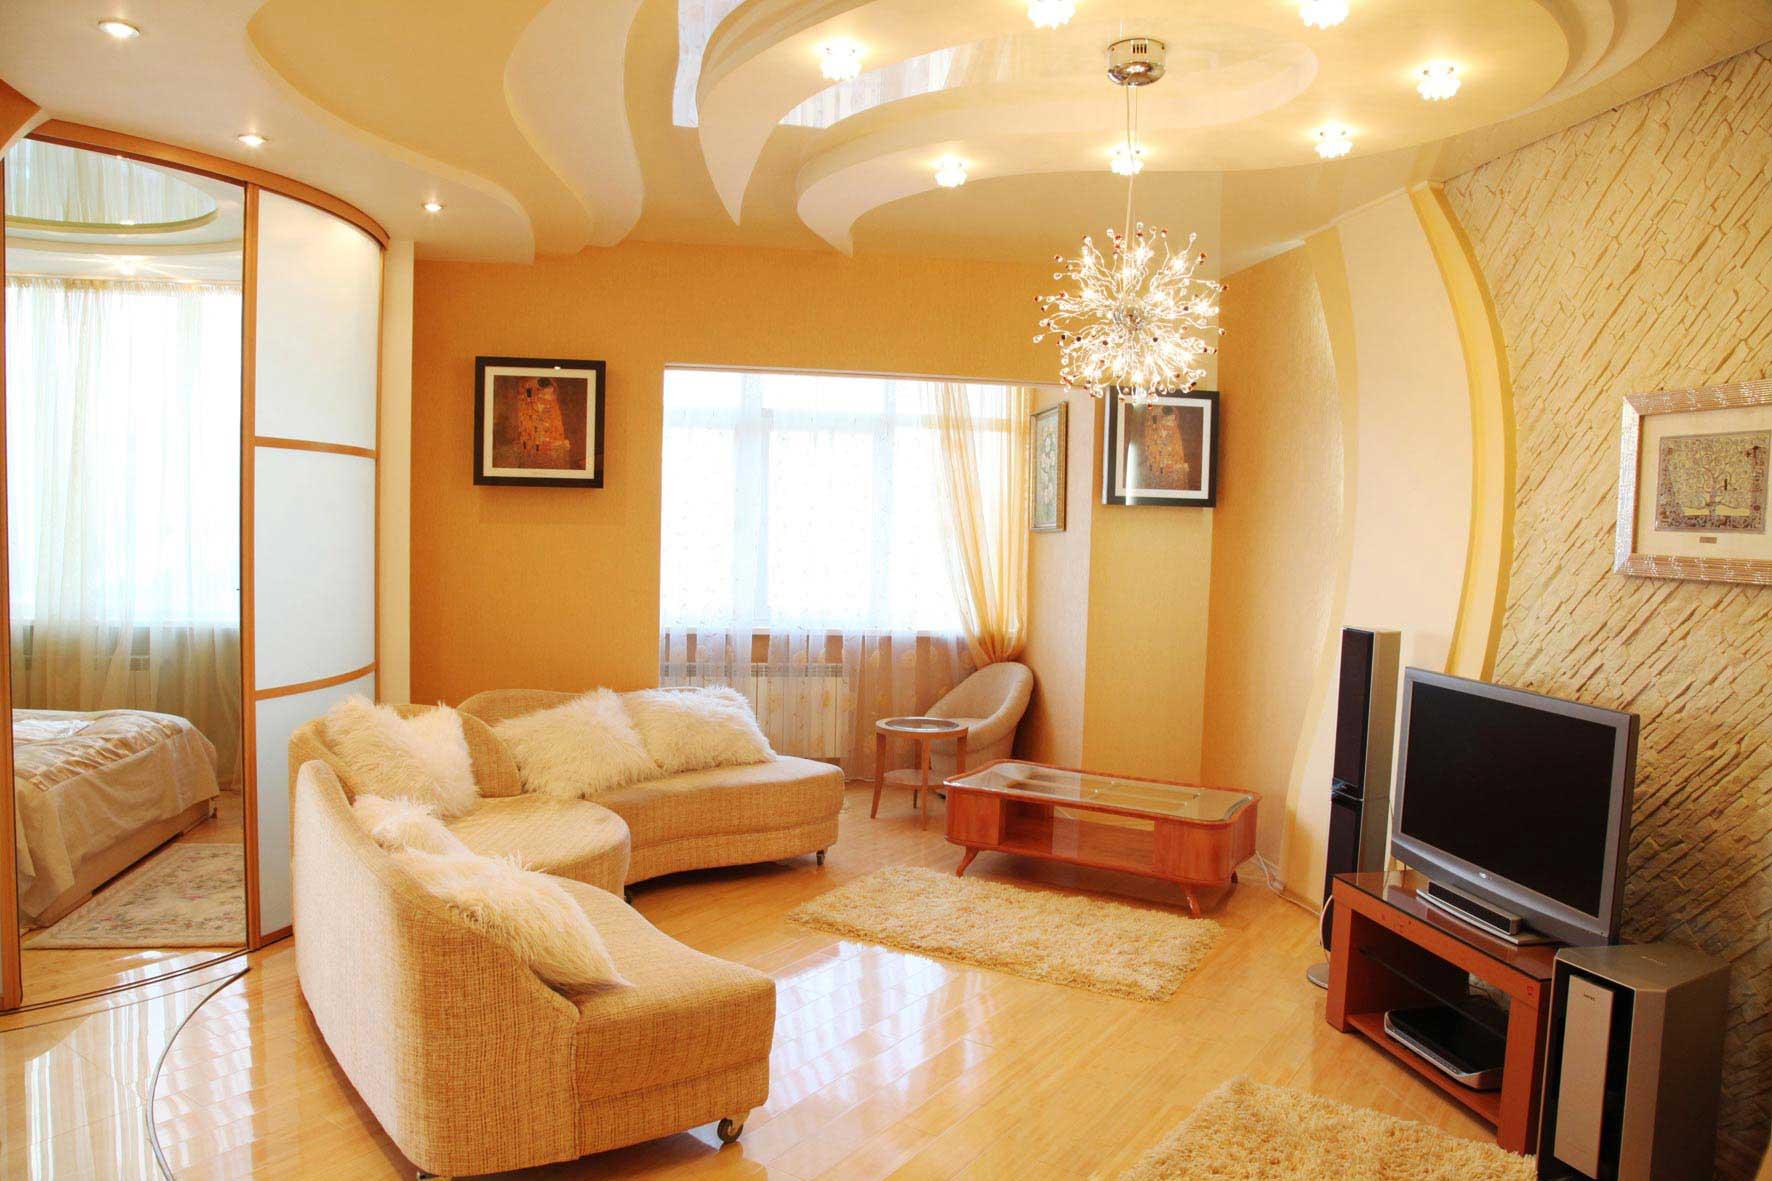 Ремонт квартир помещений под ключ цены в Москве от